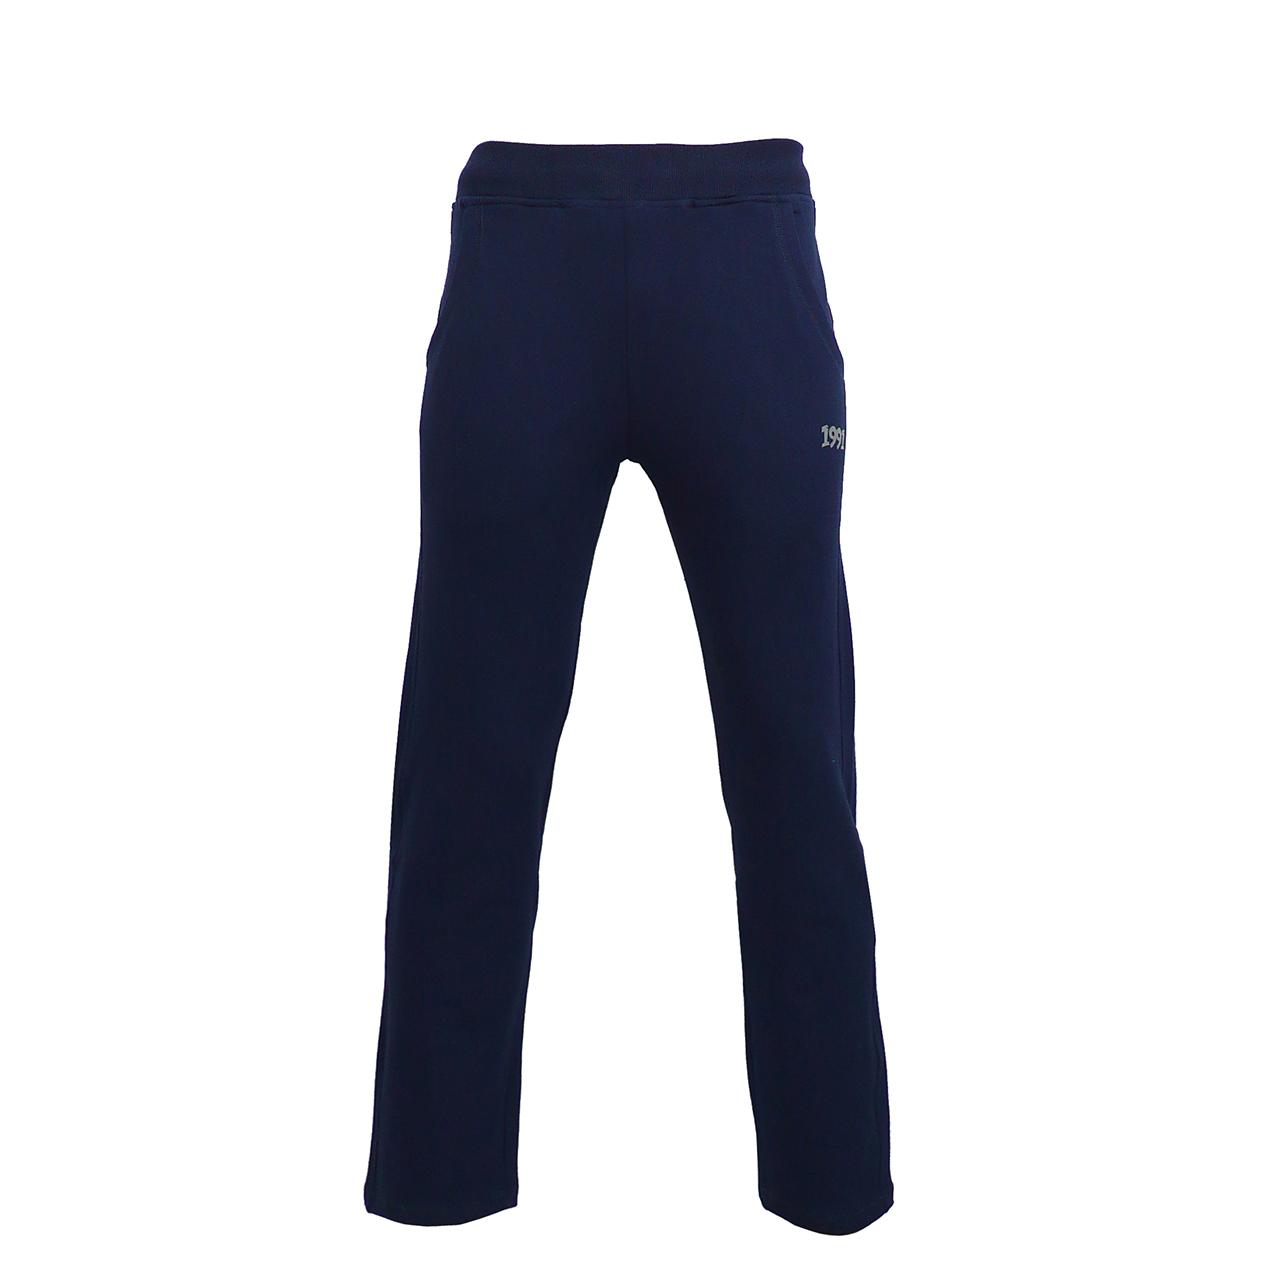 شلوار ورزشی مردانه 1991 اس دبلیو مدل Sport Pants Simplex Navyblue